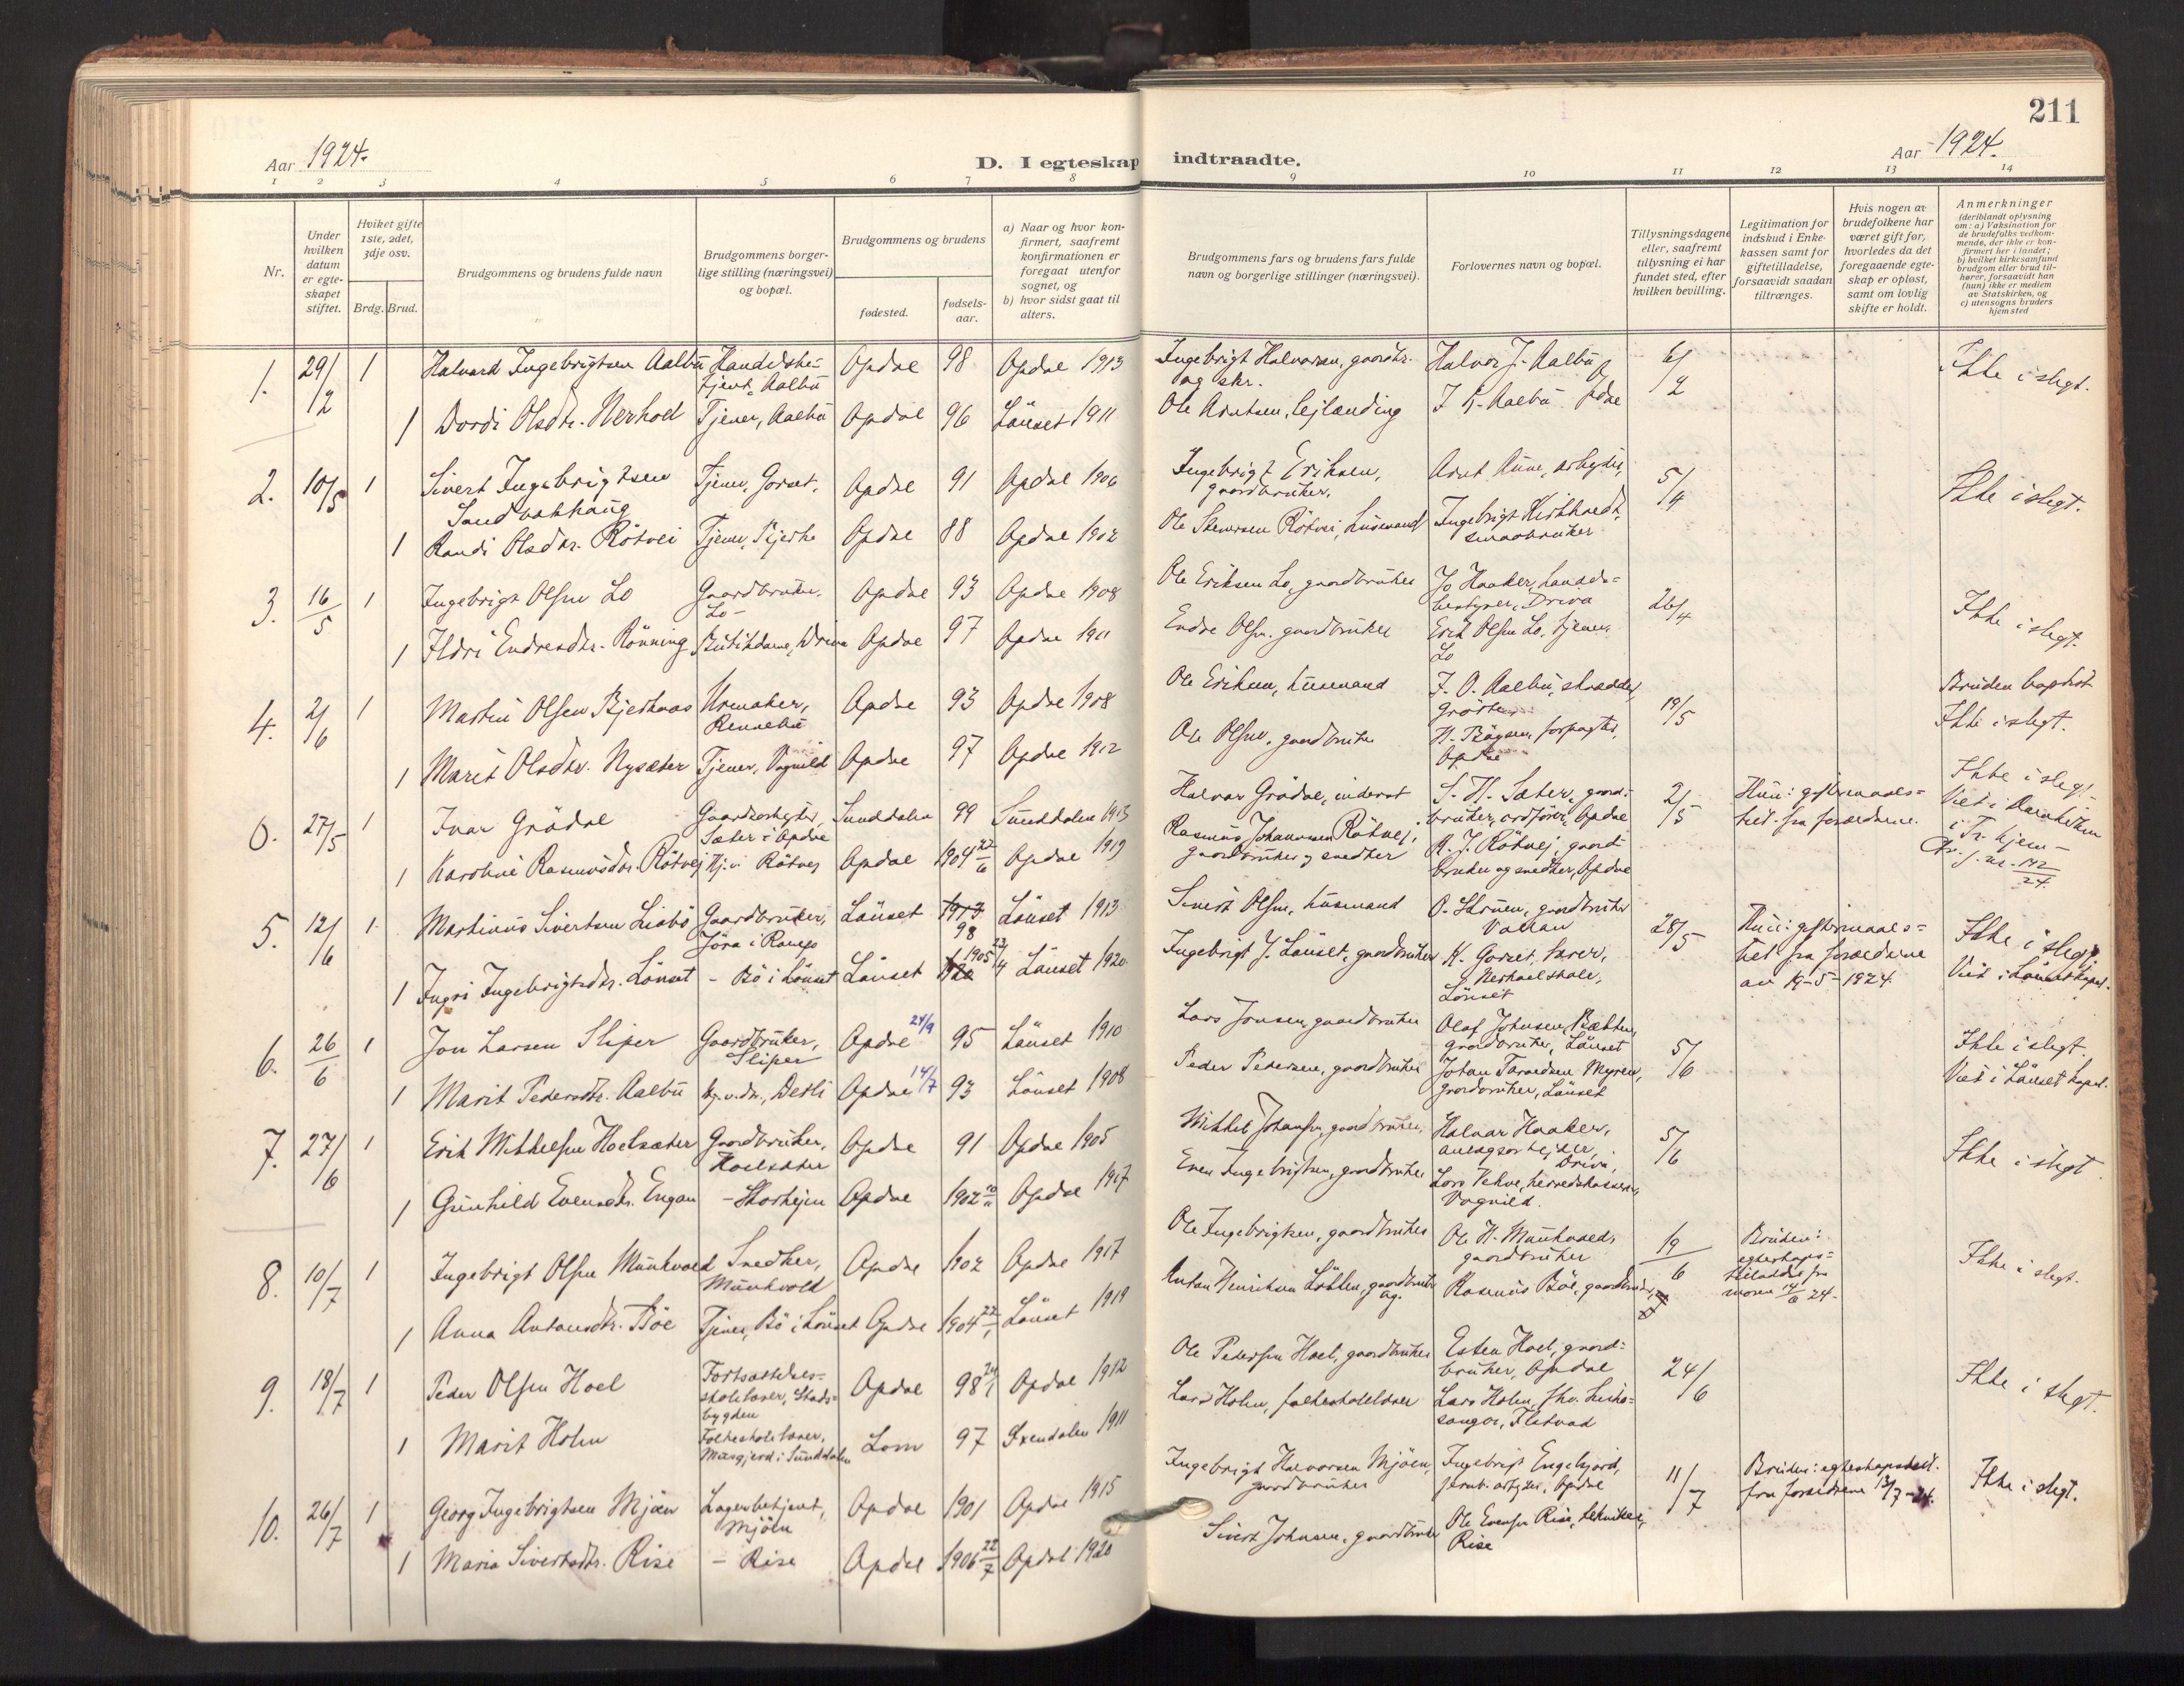 SAT, Ministerialprotokoller, klokkerbøker og fødselsregistre - Sør-Trøndelag, 678/L0909: Ministerialbok nr. 678A17, 1912-1930, s. 211